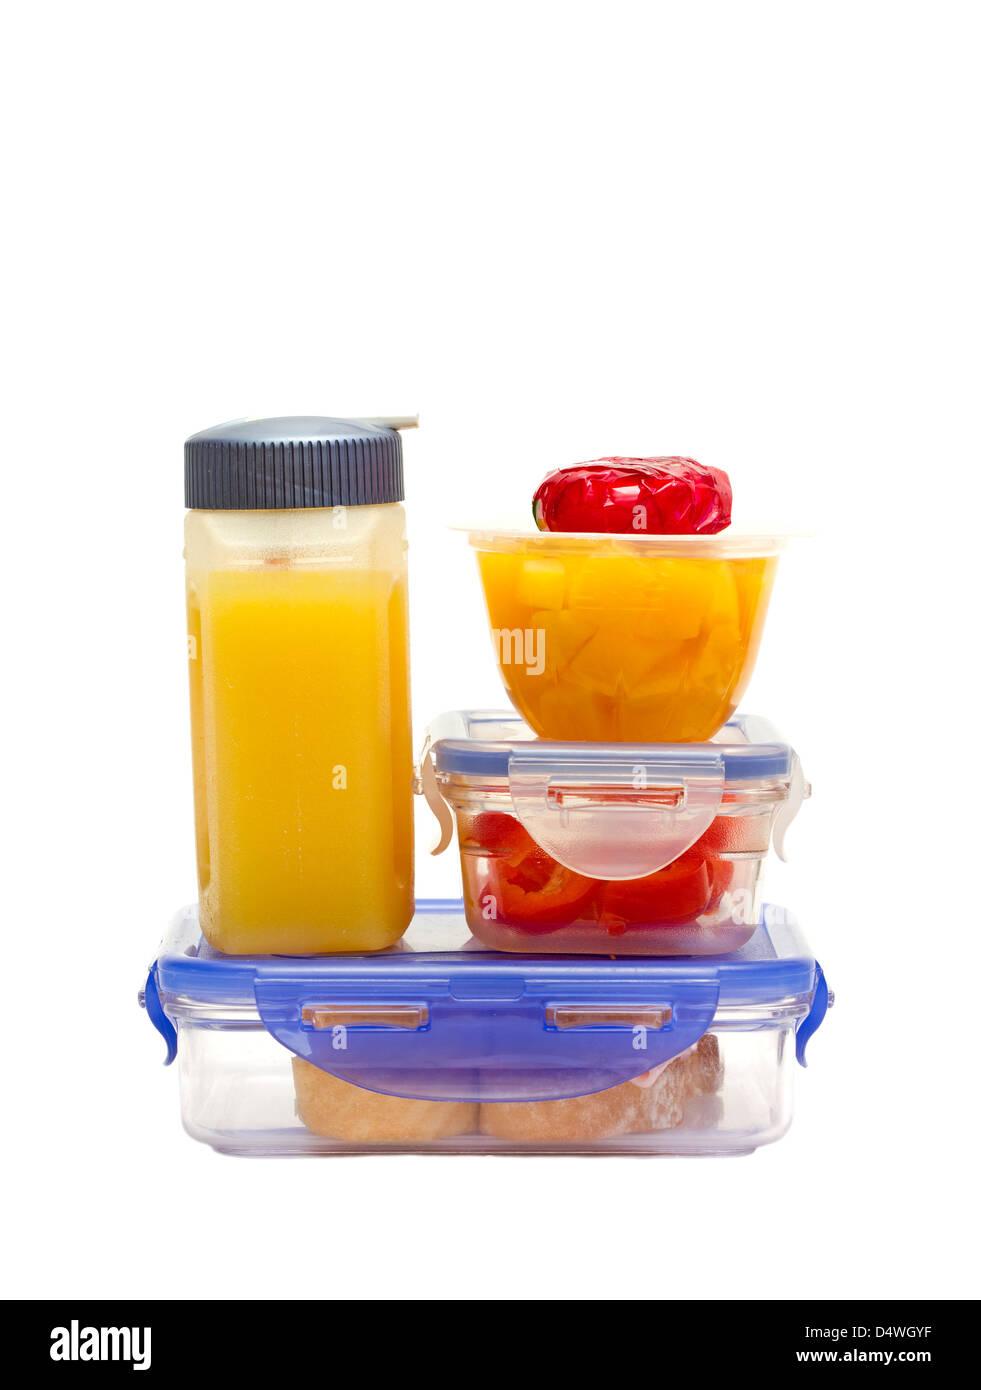 Escuela saludable almuerzo para niños Imagen De Stock